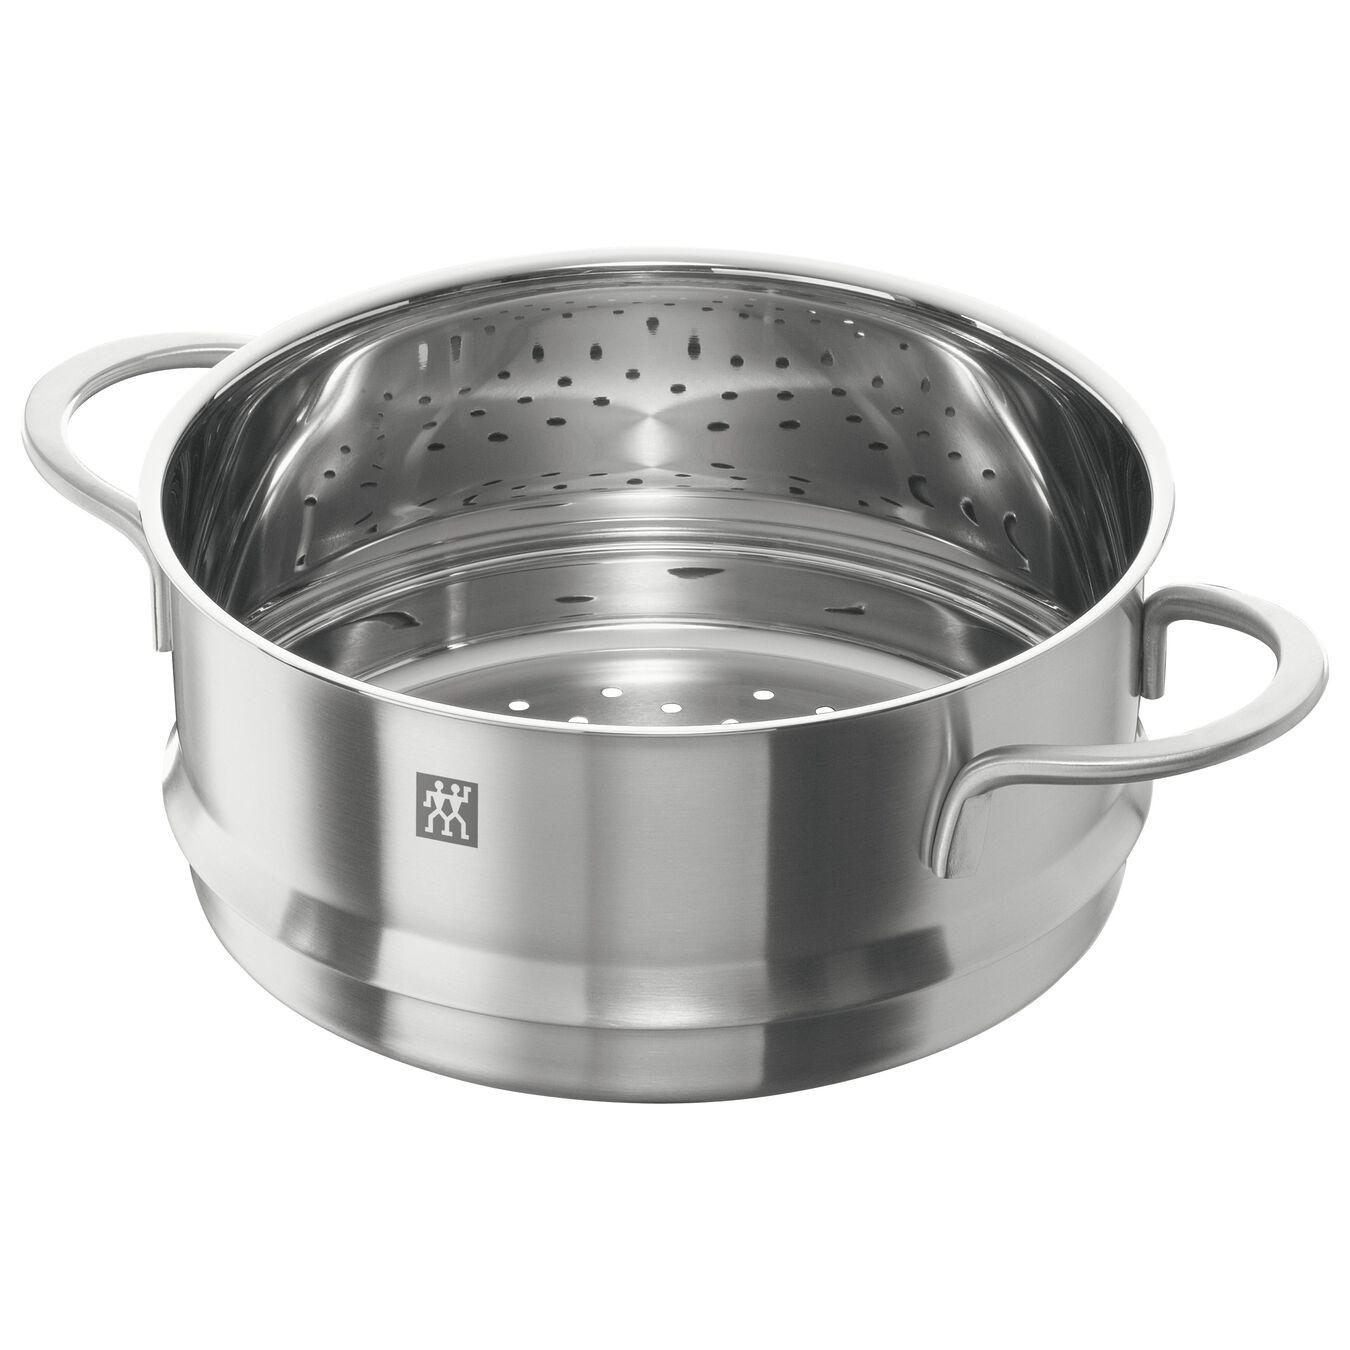 Buharda Pişirme Aparatı   Yuvarlak   30 cm,,large 2